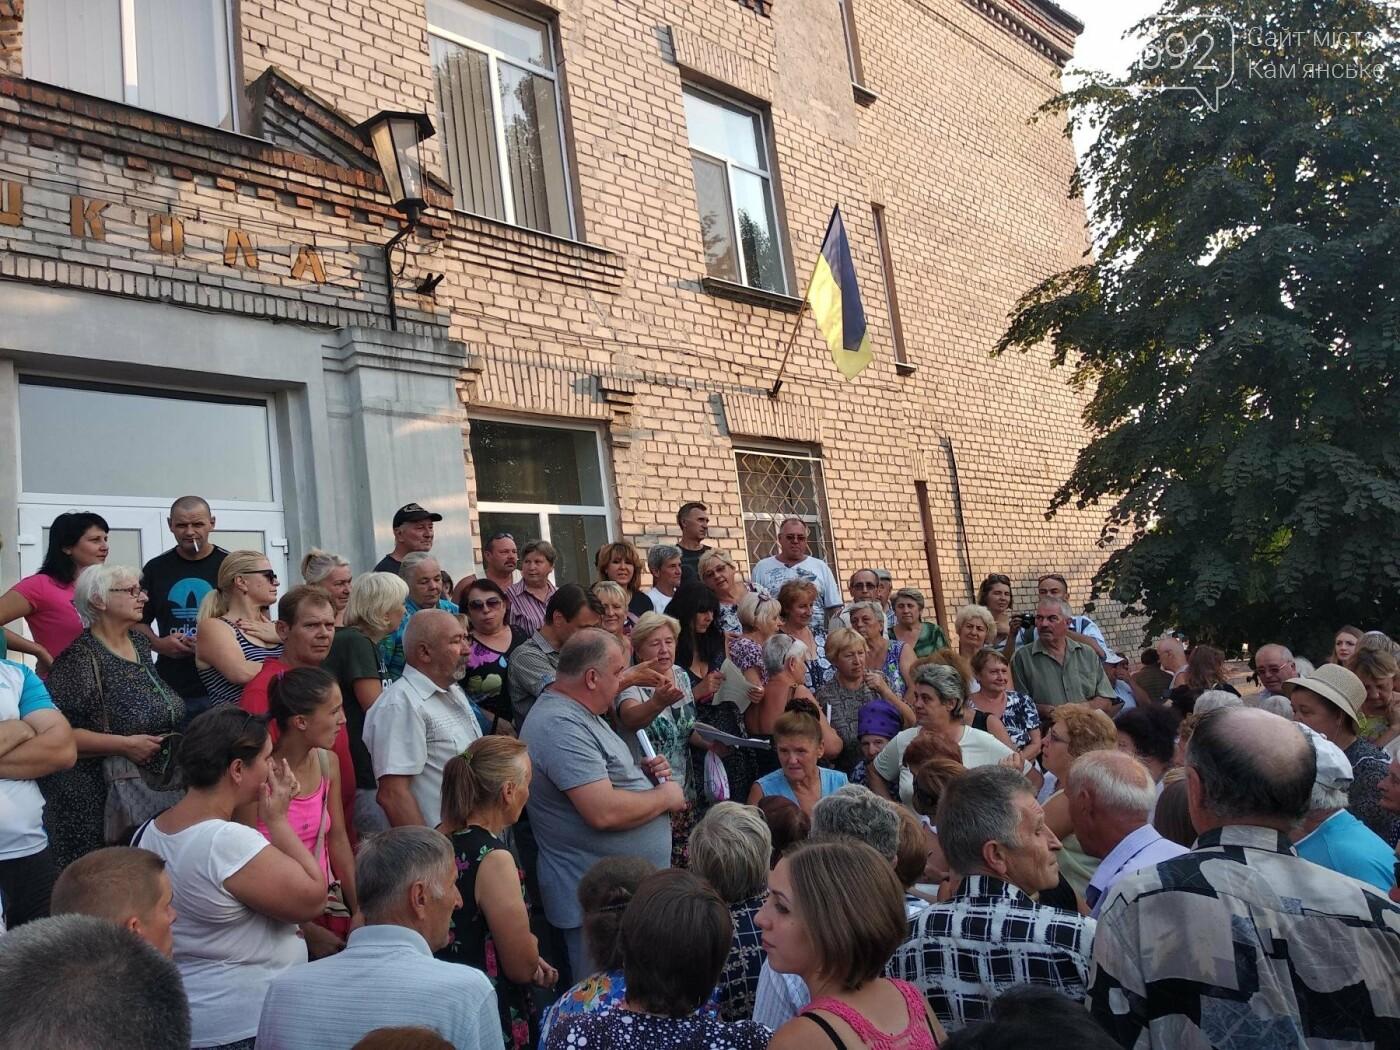 В Романково прошла массовая акция каменчан против газовщиков, фото-8